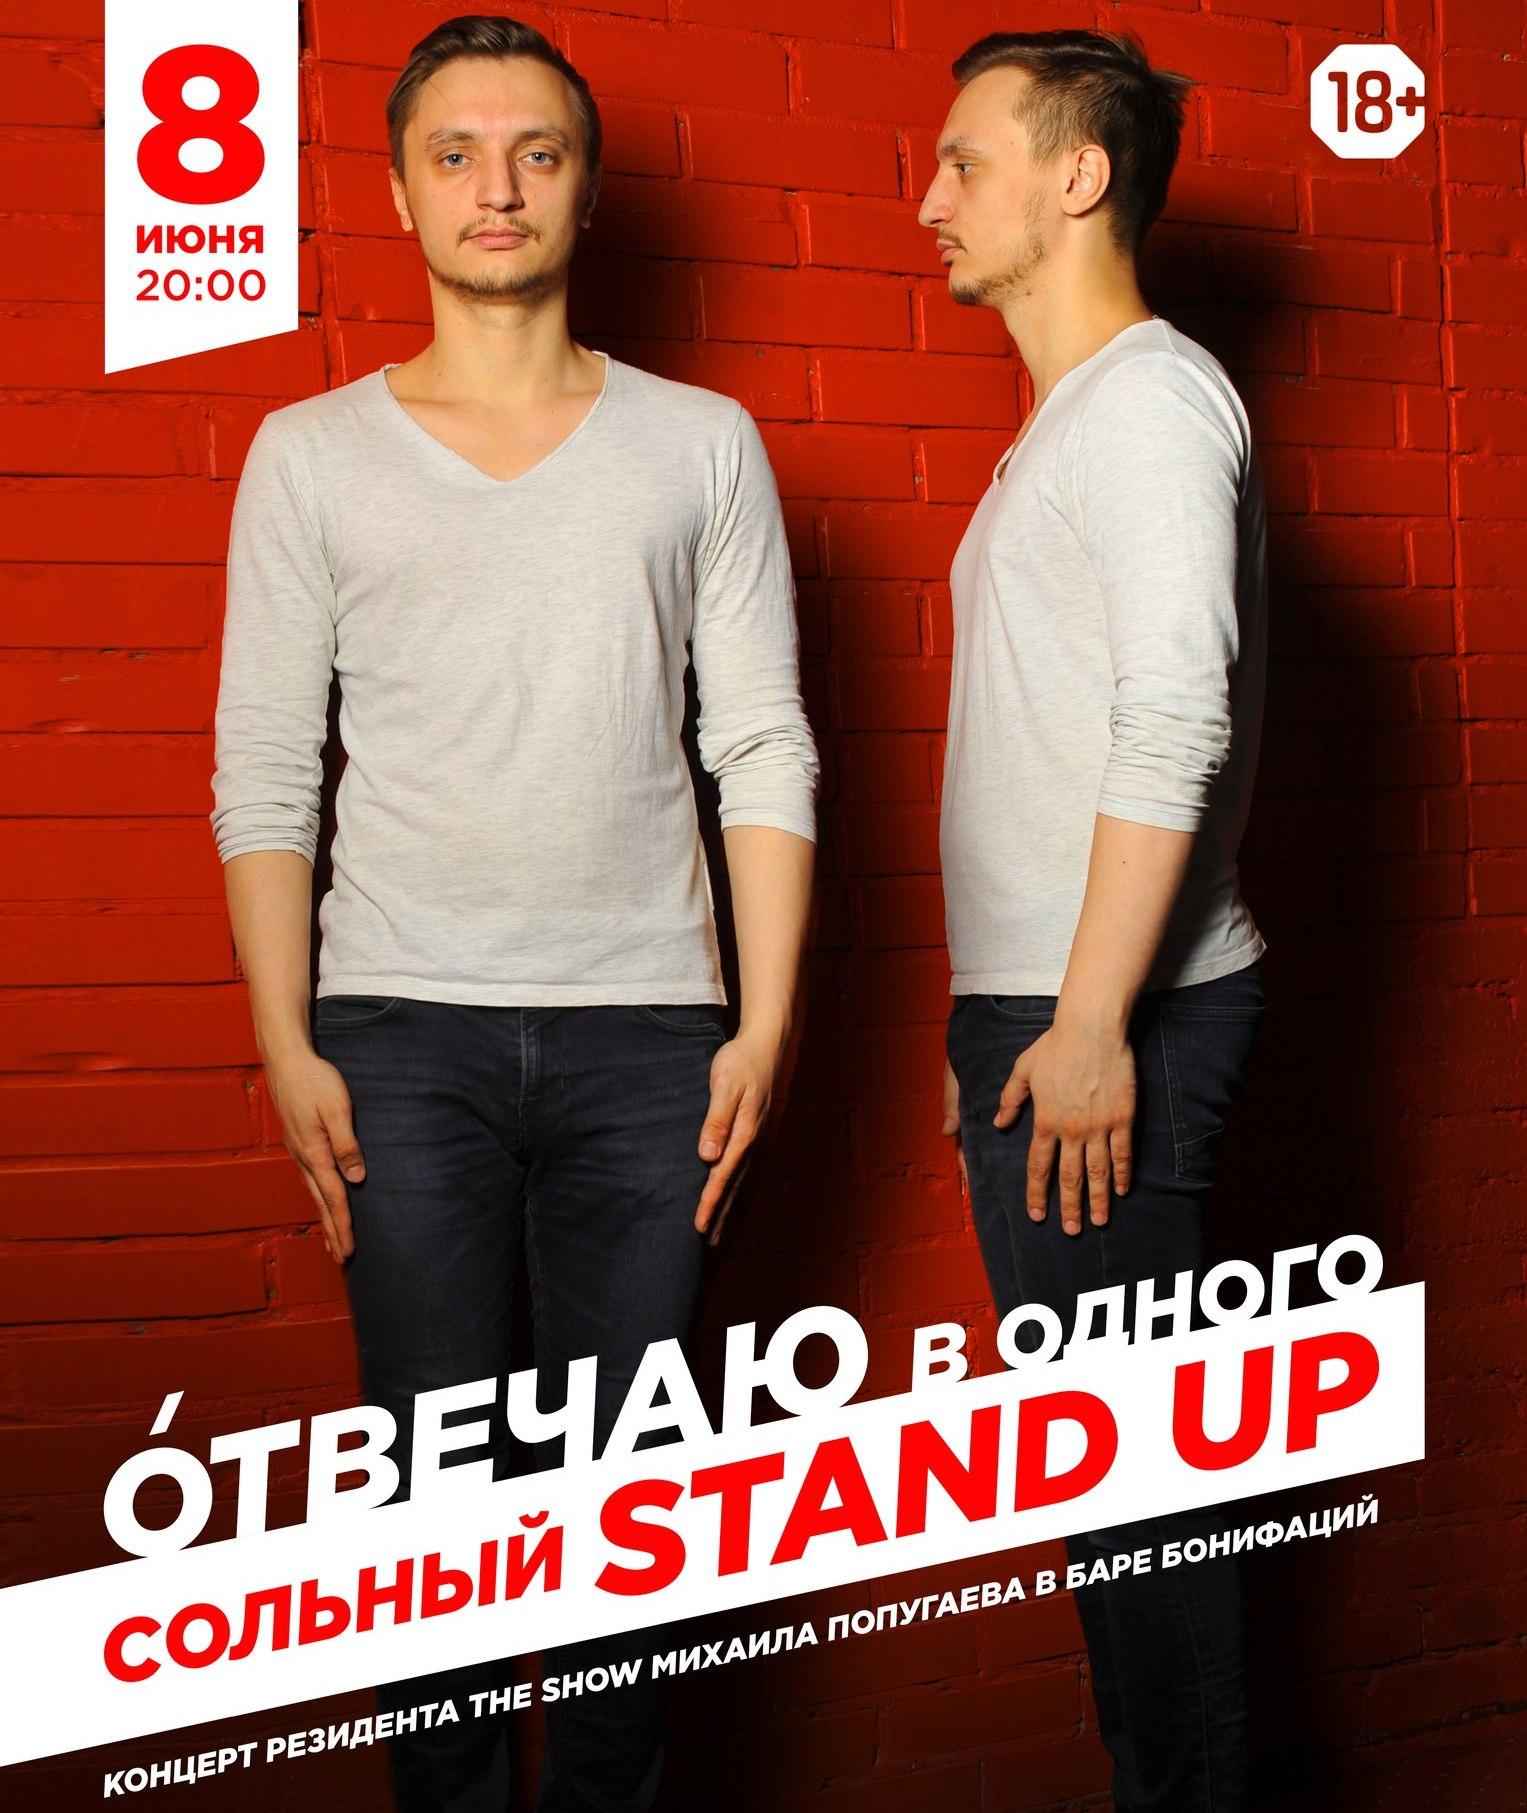 Стендап должен быть приличным: интервью с Михаилом Попугаевым